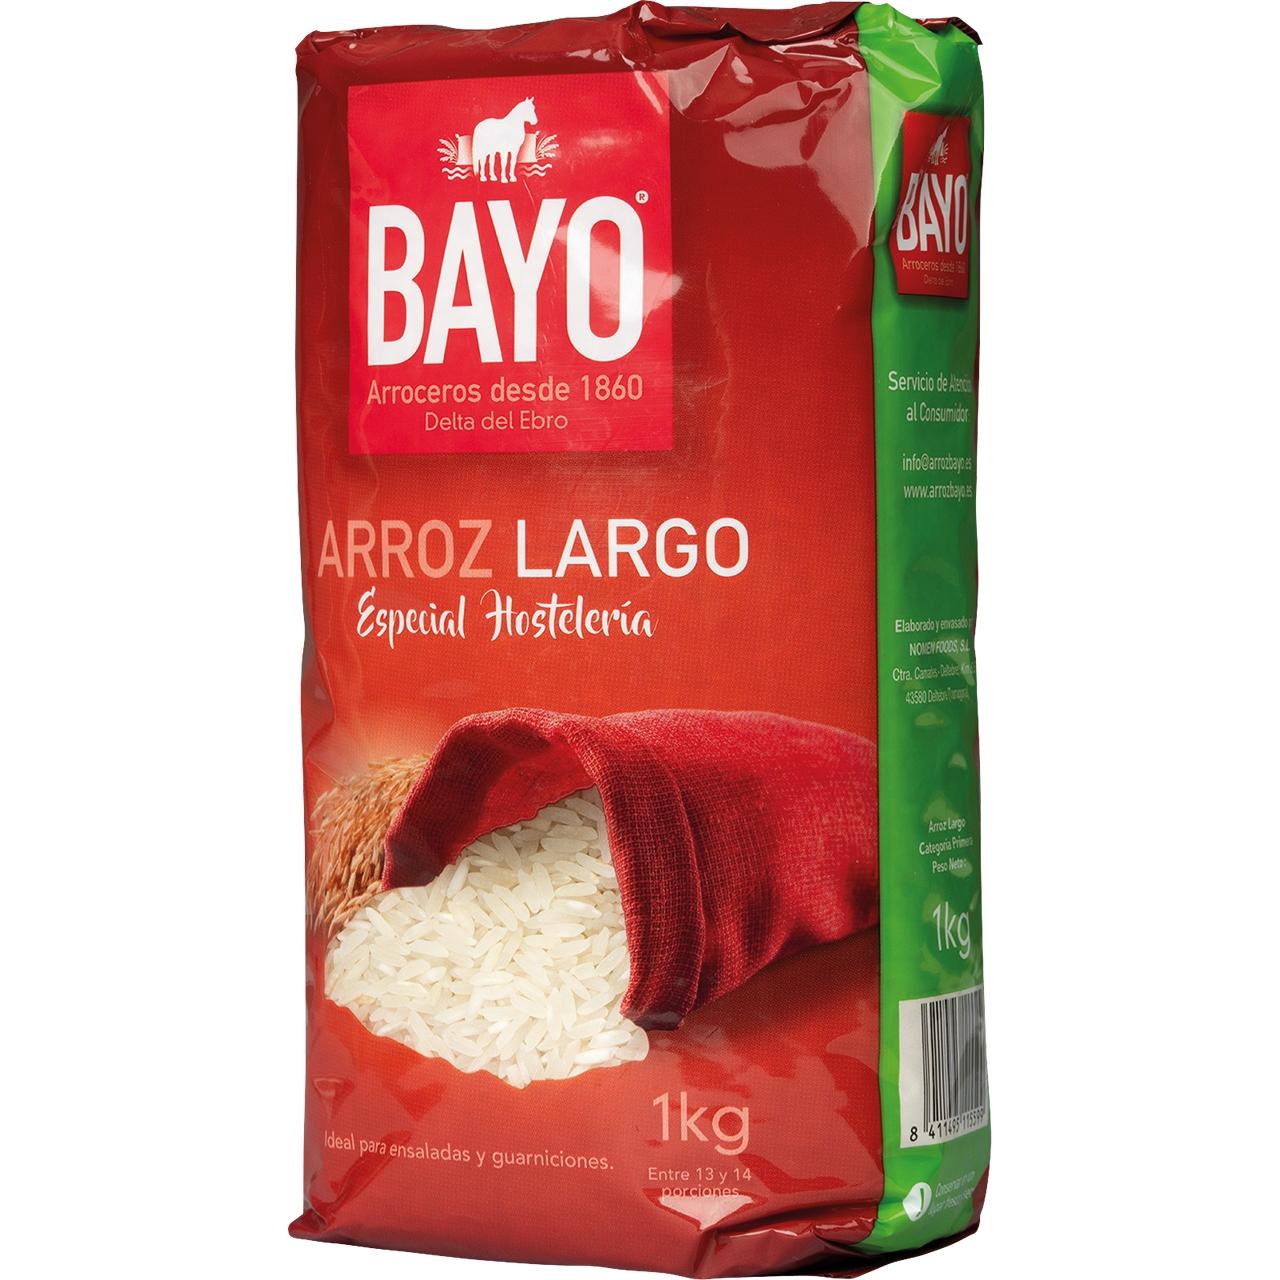 Arroz Largo 1Kg. Bayo